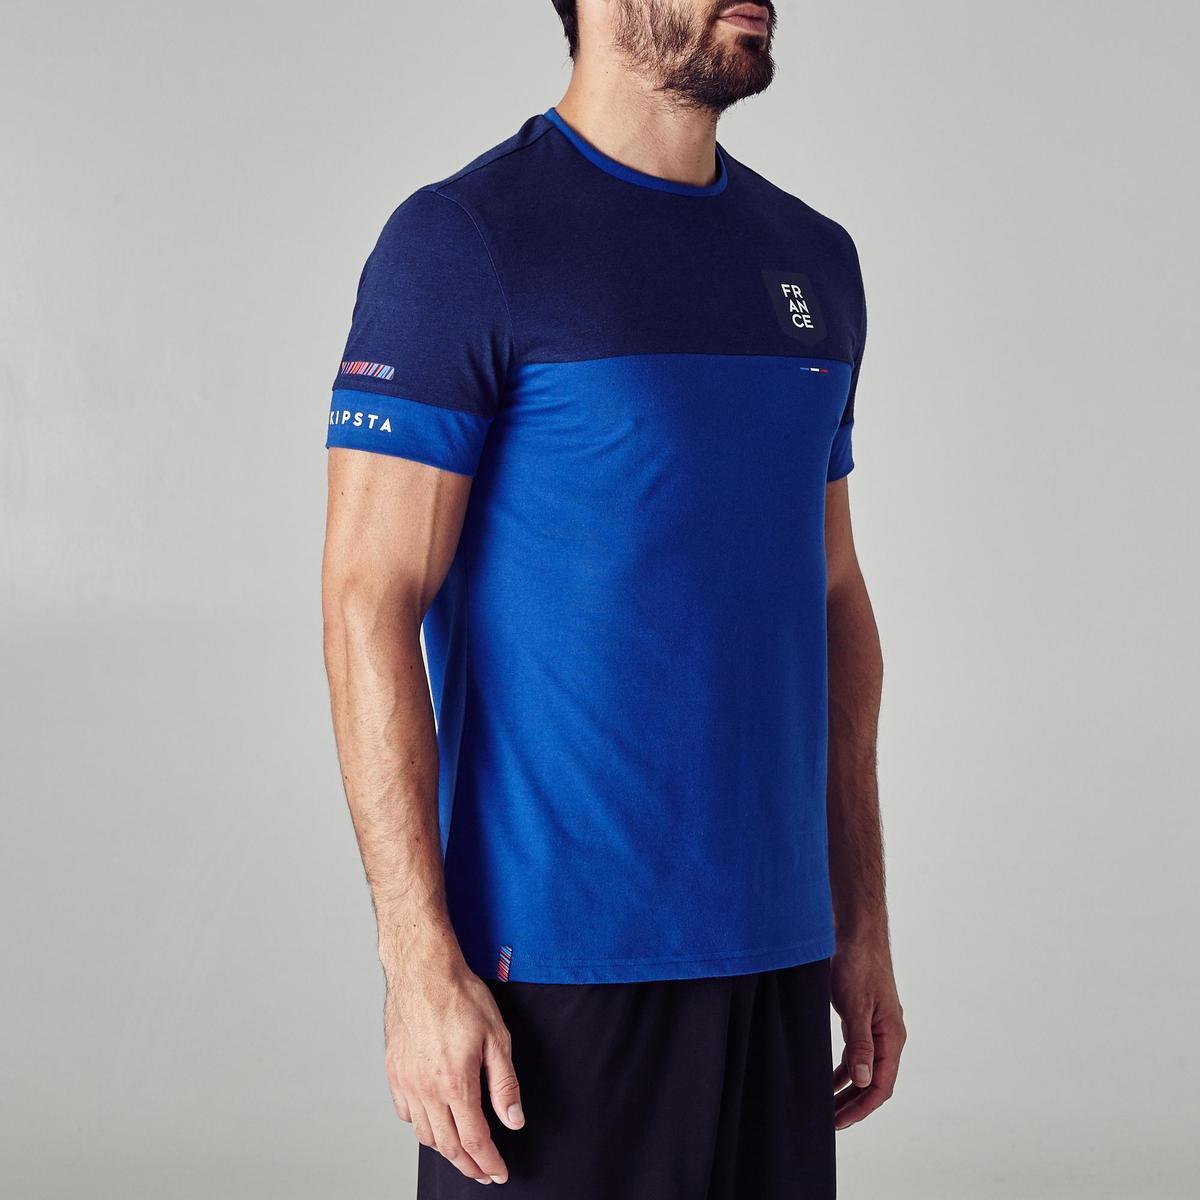 Bild 3 von Fußballshirt FF100 Frankreich Erwachsene blau